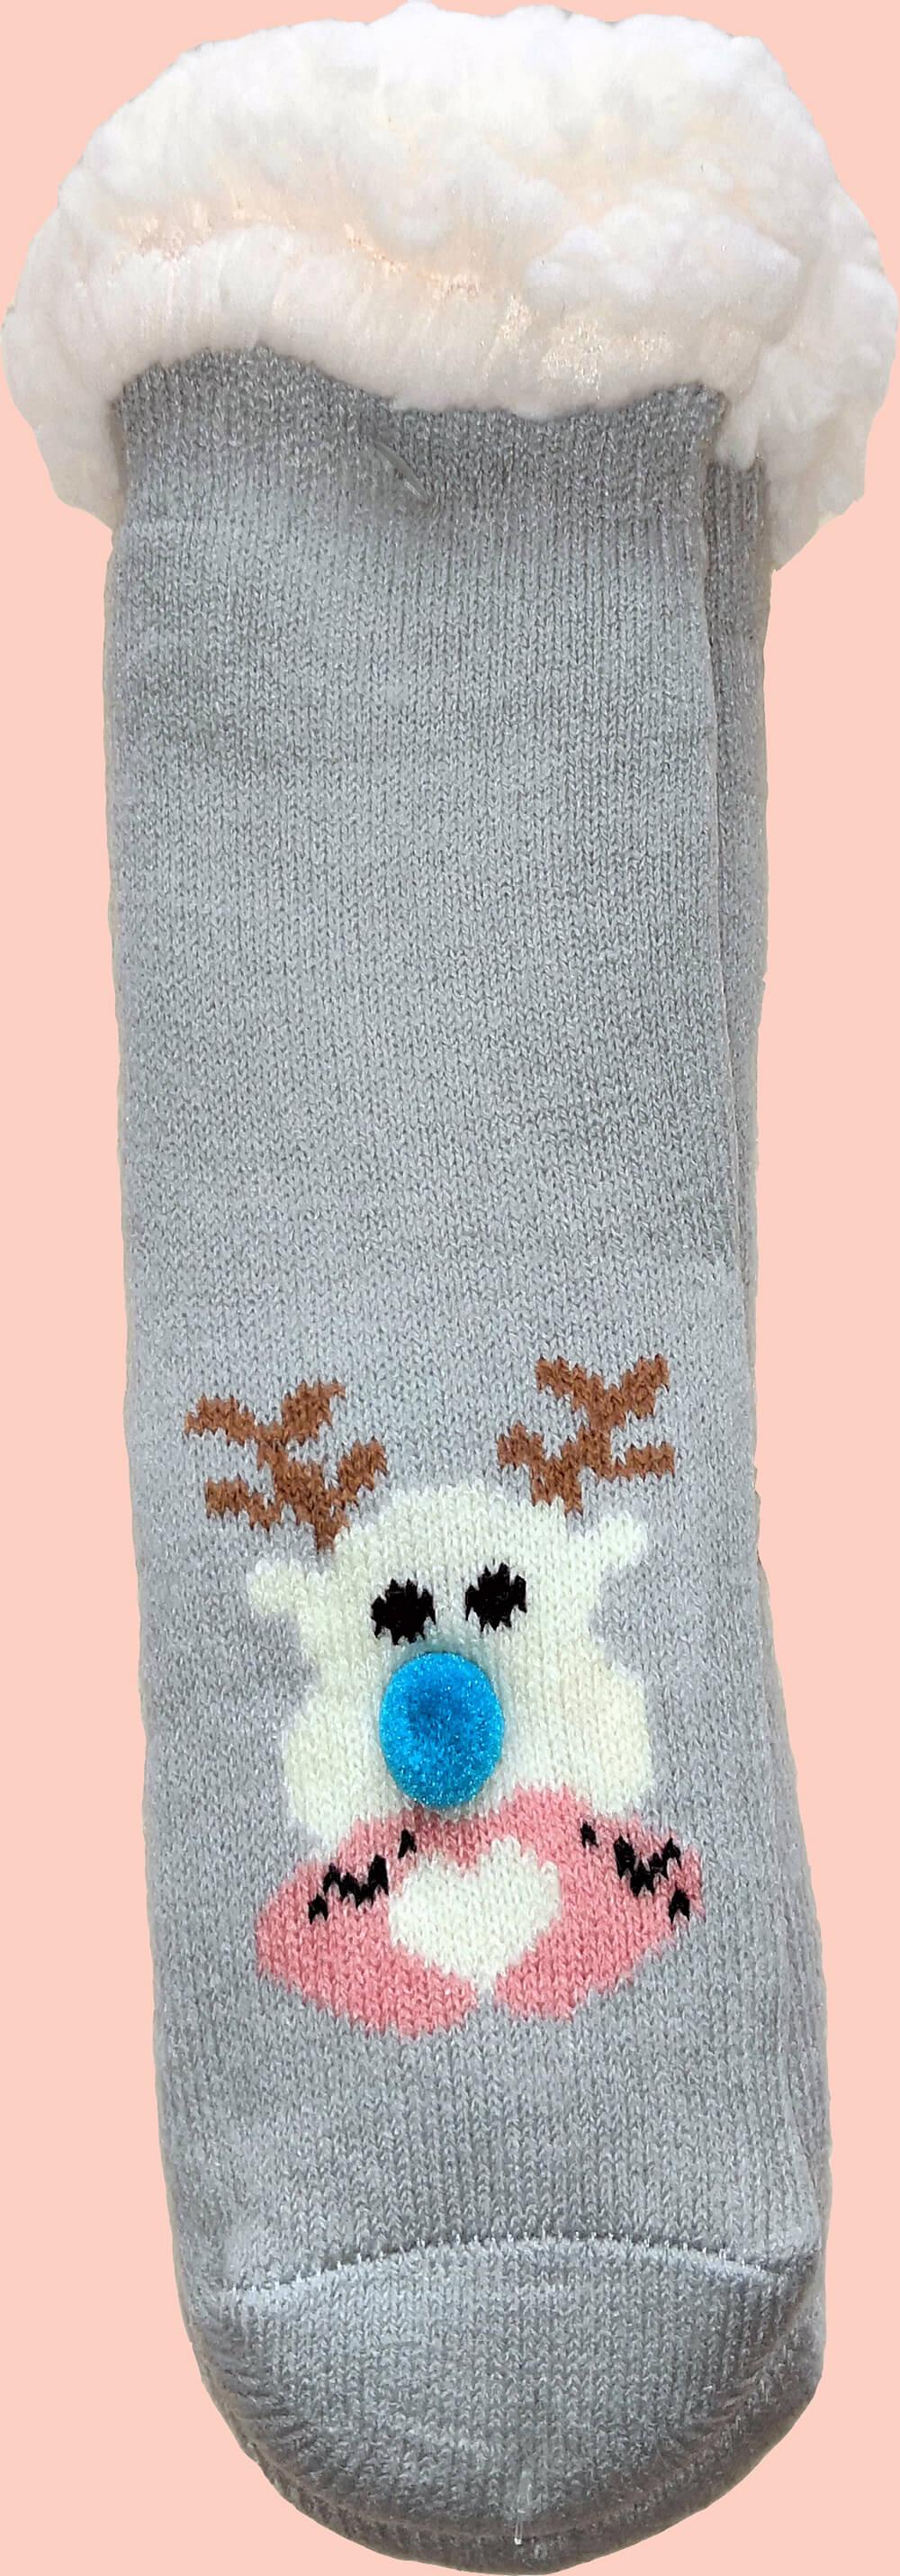 Детские носки-тапочки LookEN SM-HL-7211D-g 29-32 размера серого цвета.